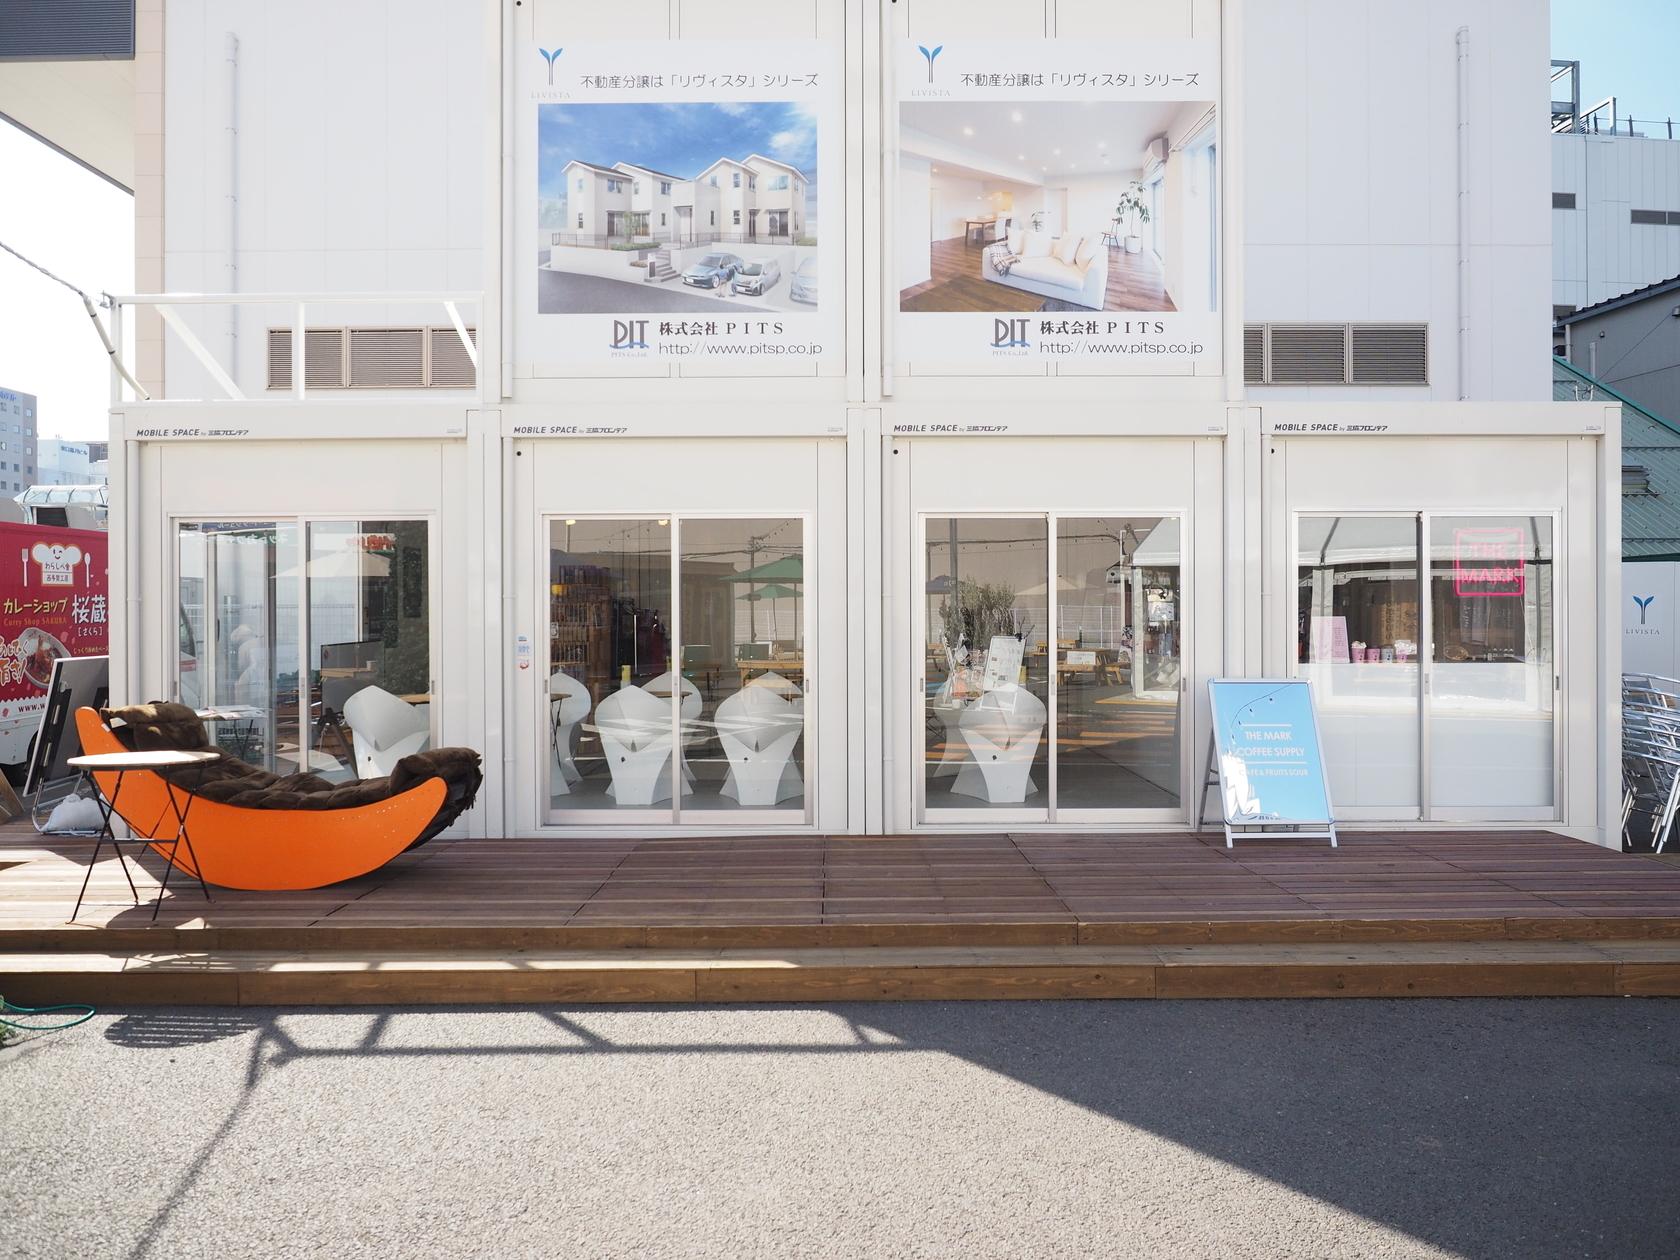 【冬季限定価格】【EKITUZI】仙台駅徒歩0分 Wi-fi/電源/ウッドデッキつき お洒落な屋内イベントスペース(EKITUZI -食と遊びで未来を志向する実験広場-) の写真0